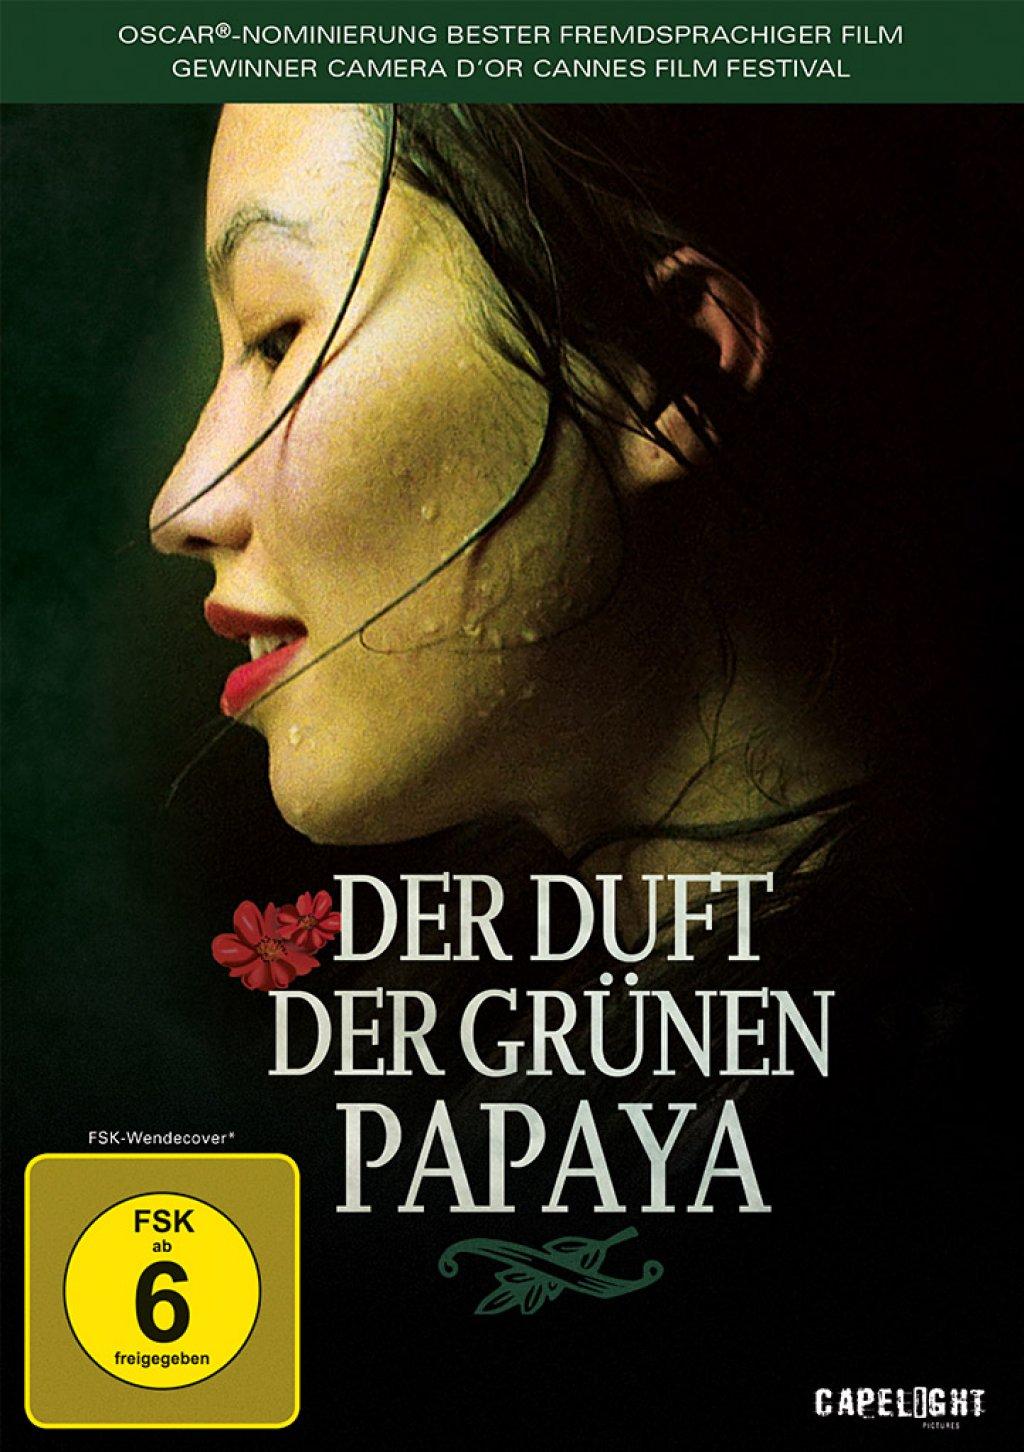 Der Duft der grünen Papaya (DVD)